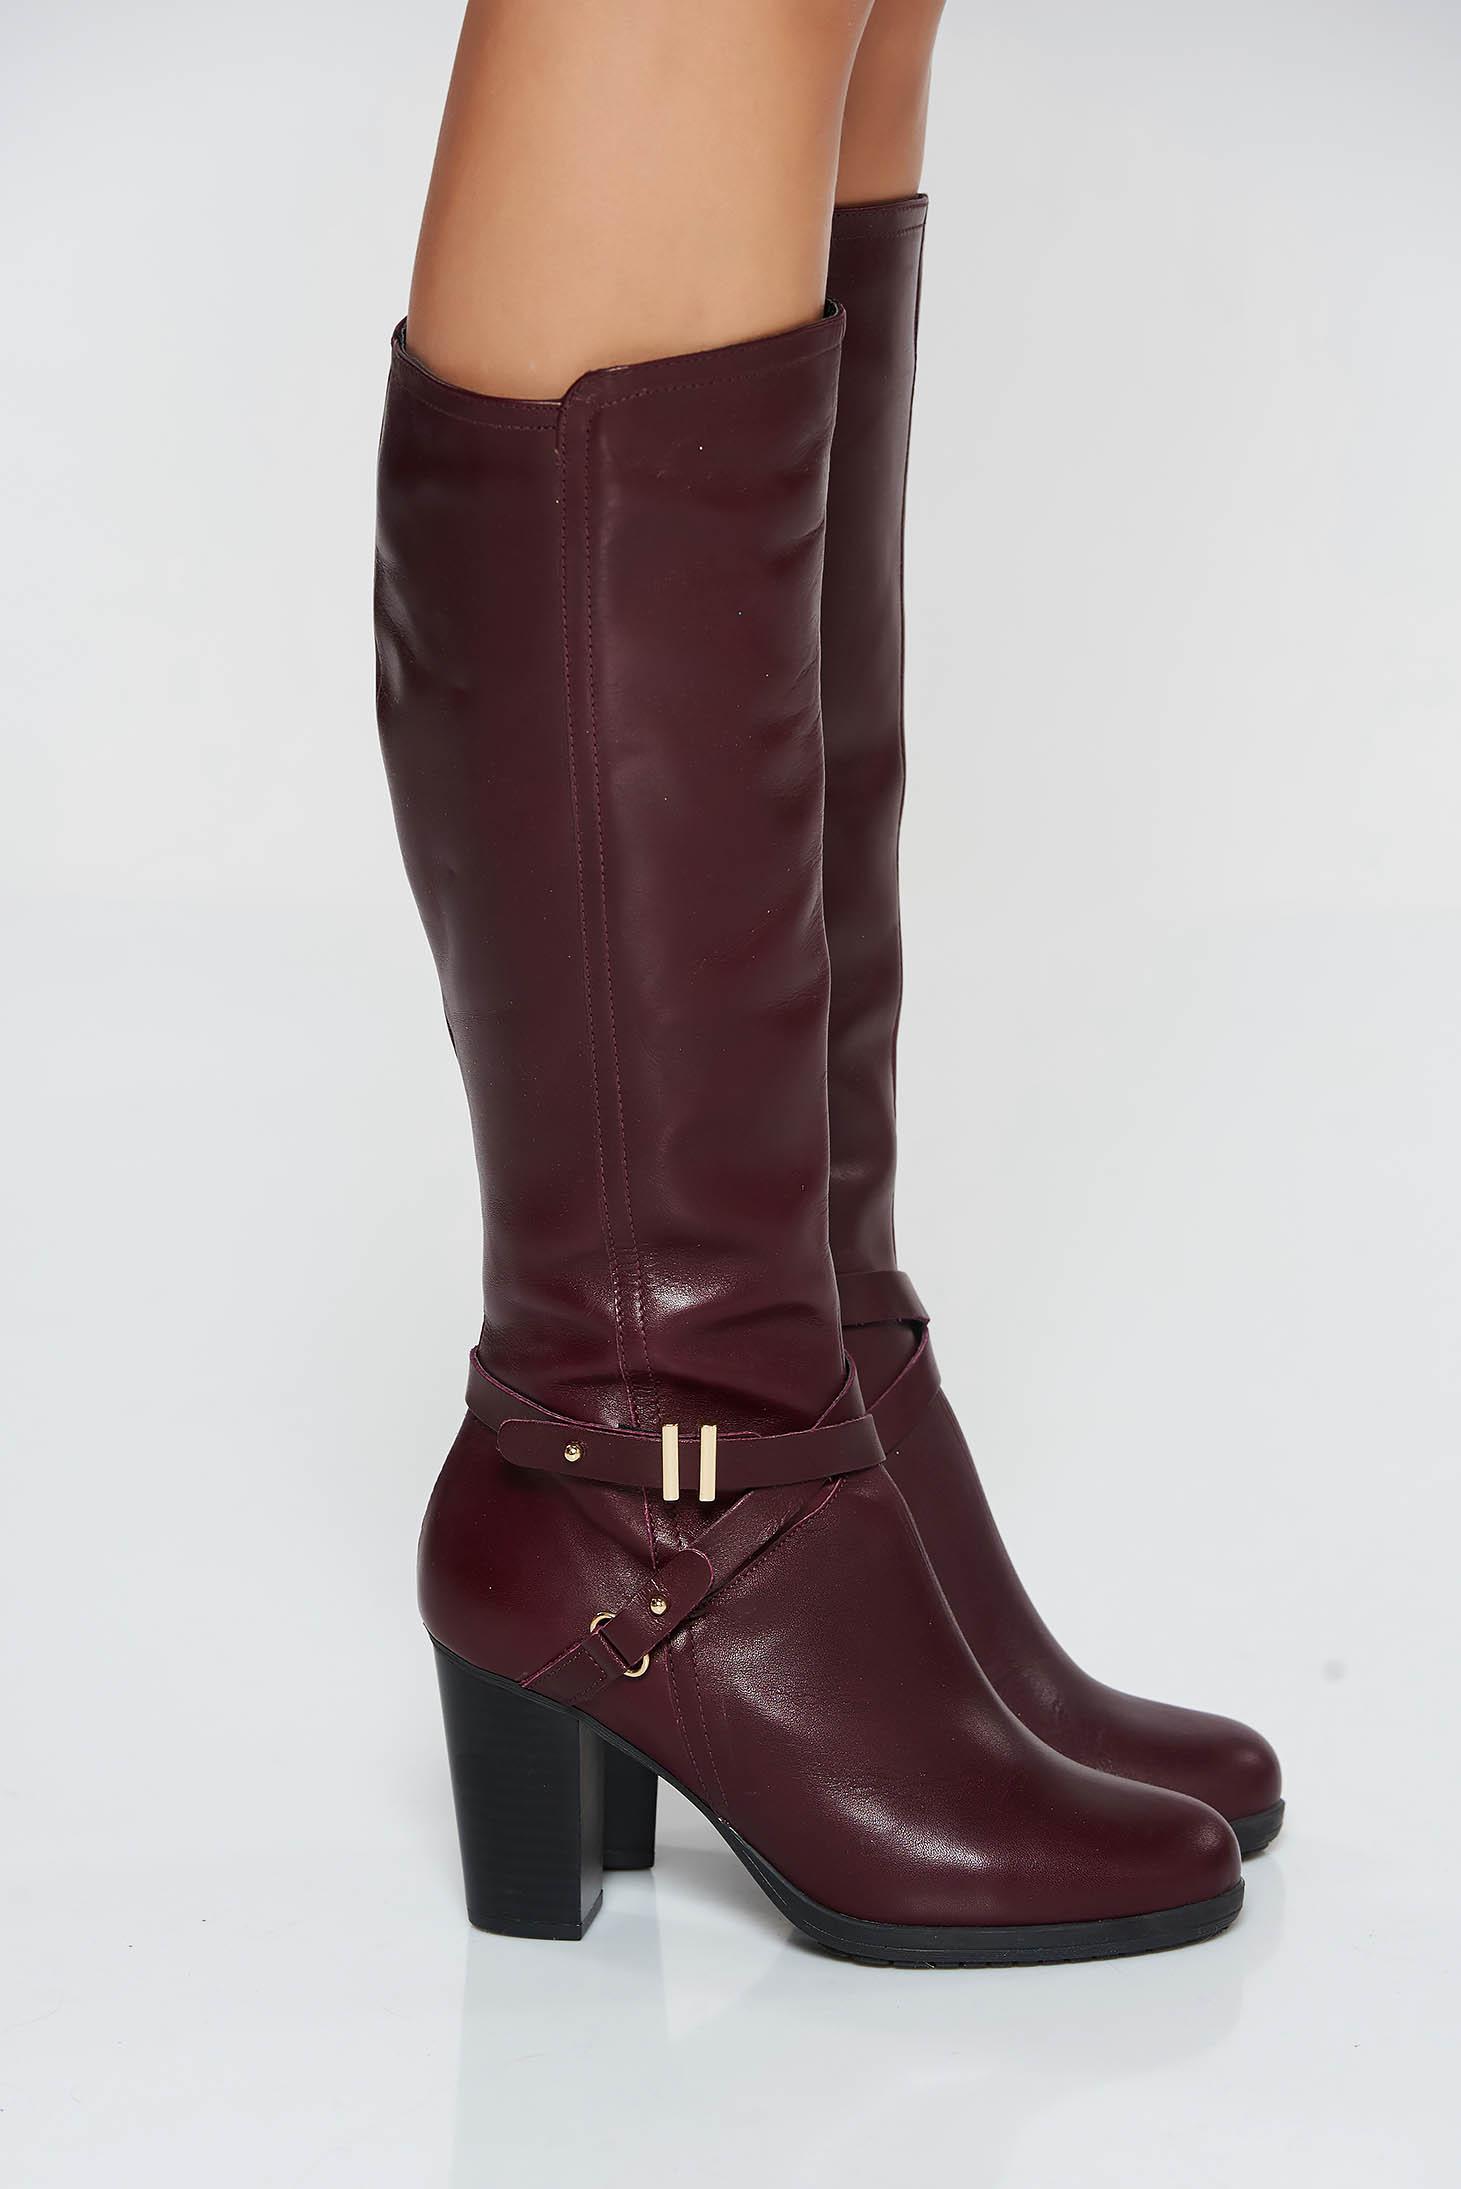 pantofi de alergat listă nouă frumos ieftin Cizme dama visinii office din piele naturala cu toc gros